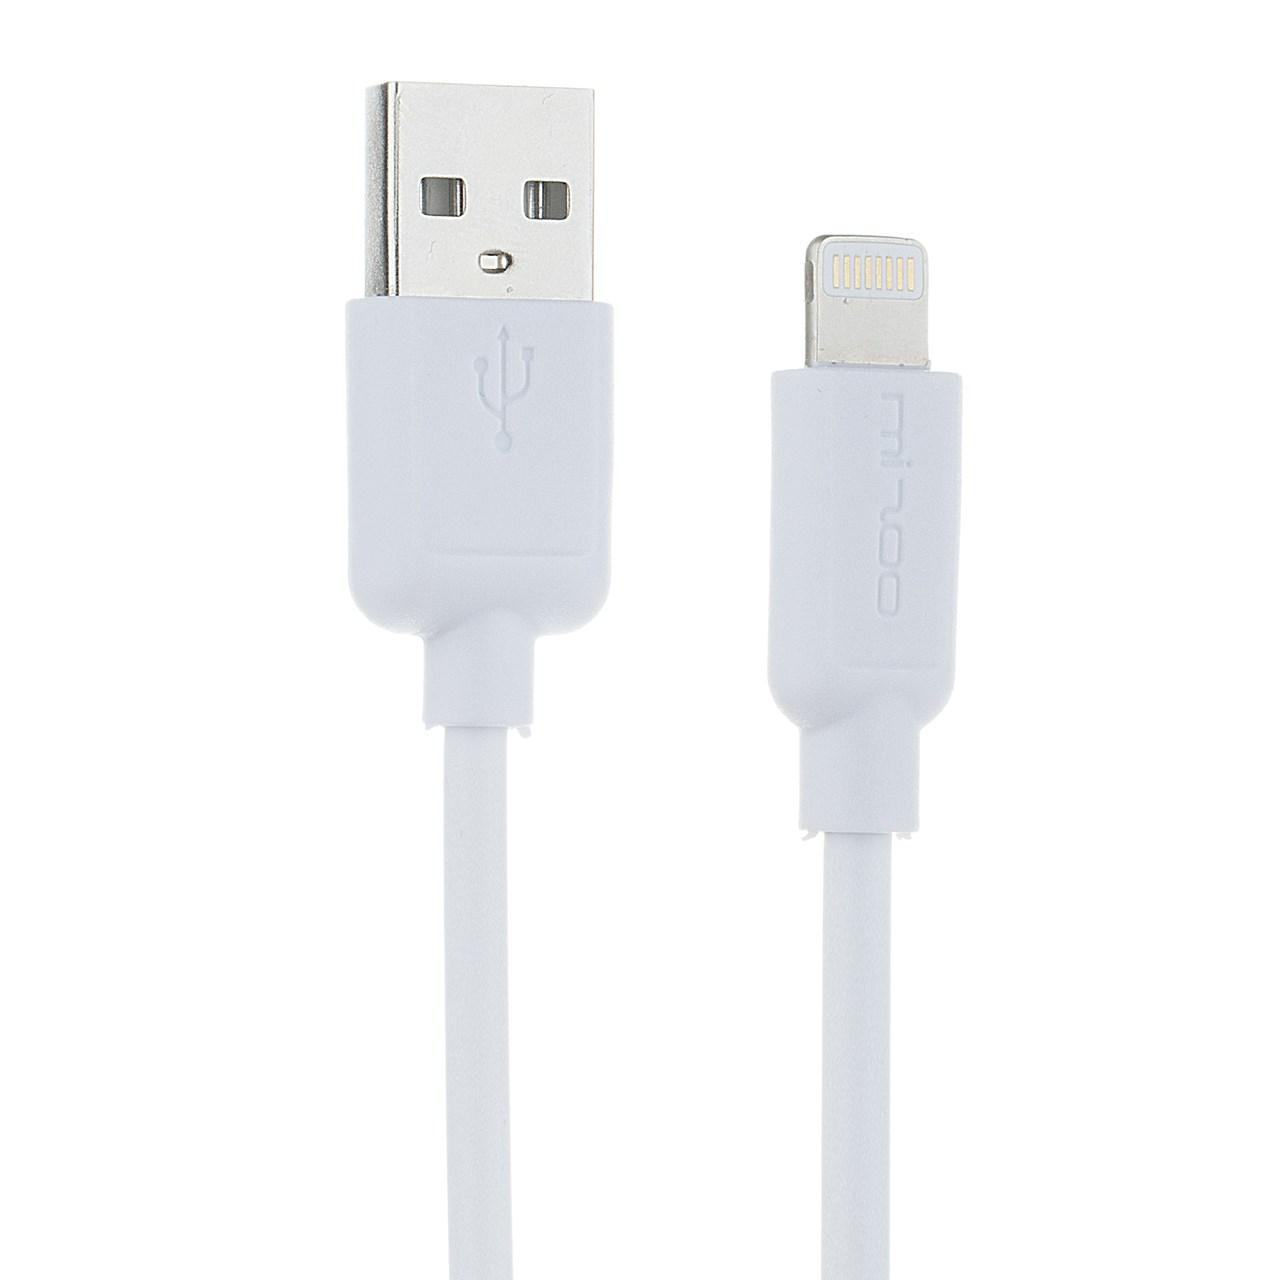 کابل تبدیل USB به Lightning میزو مدل X07